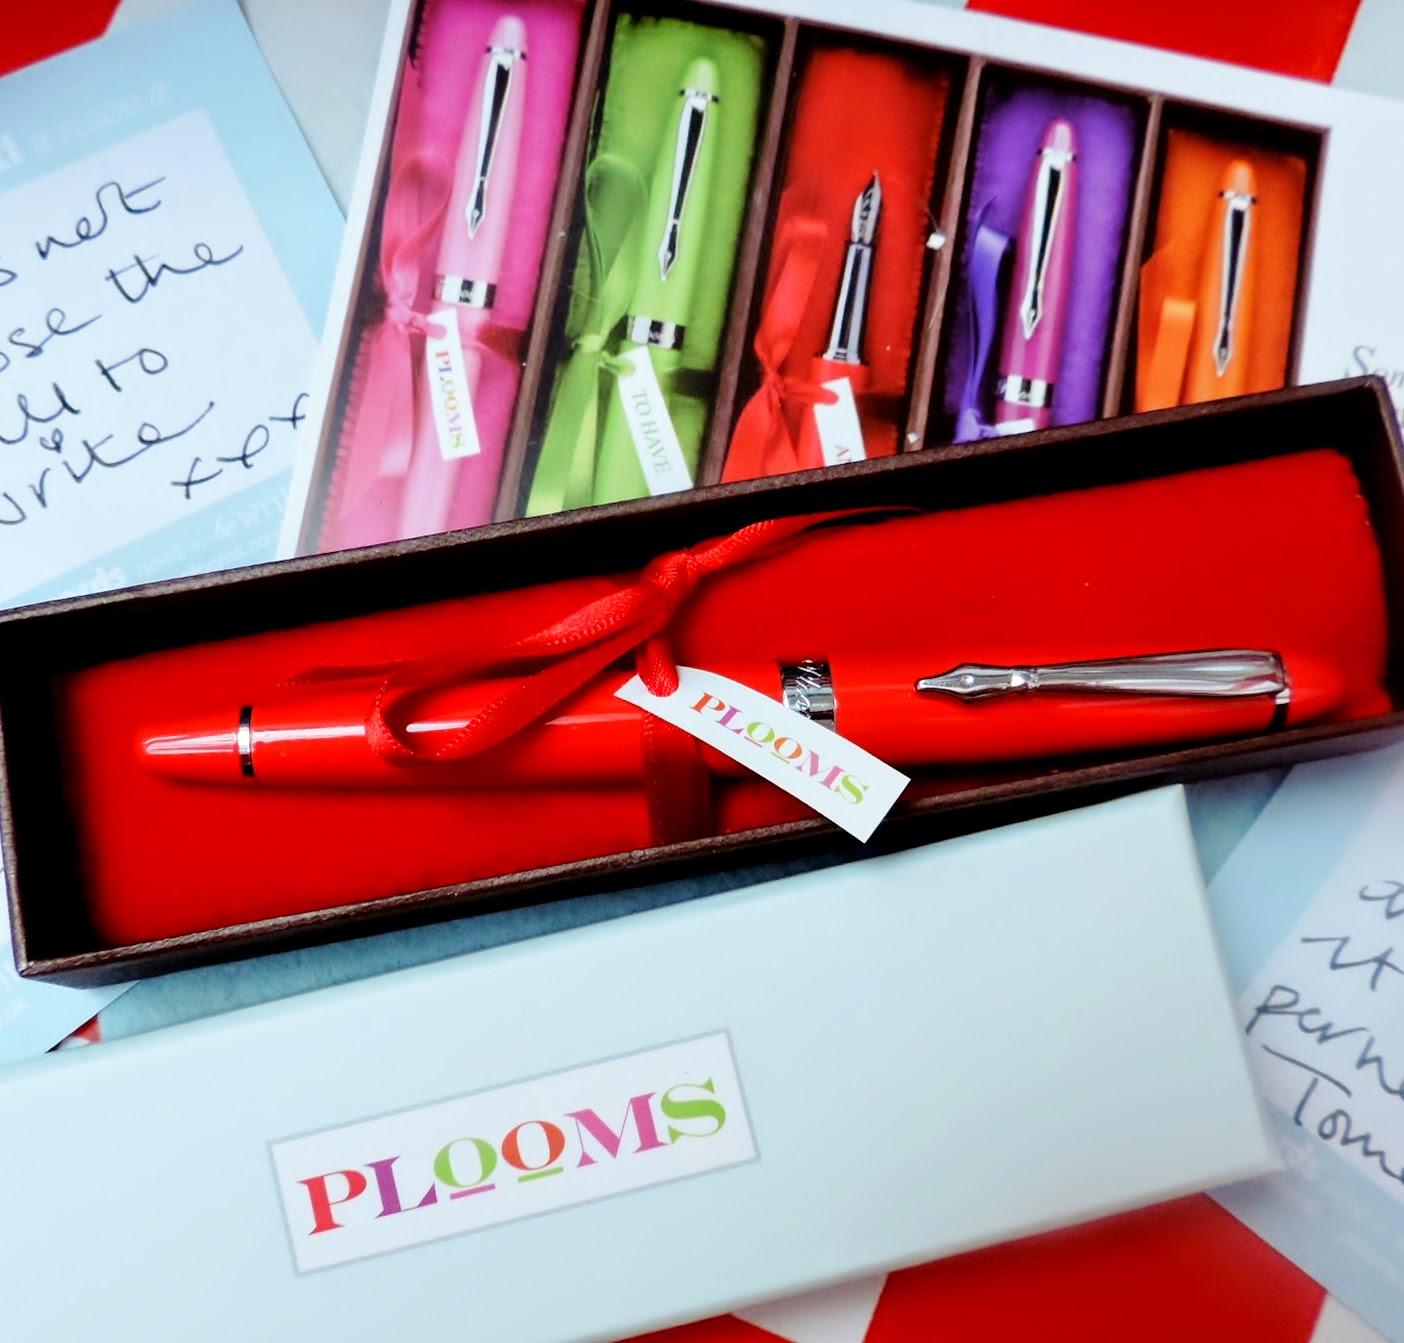 red plooms pen